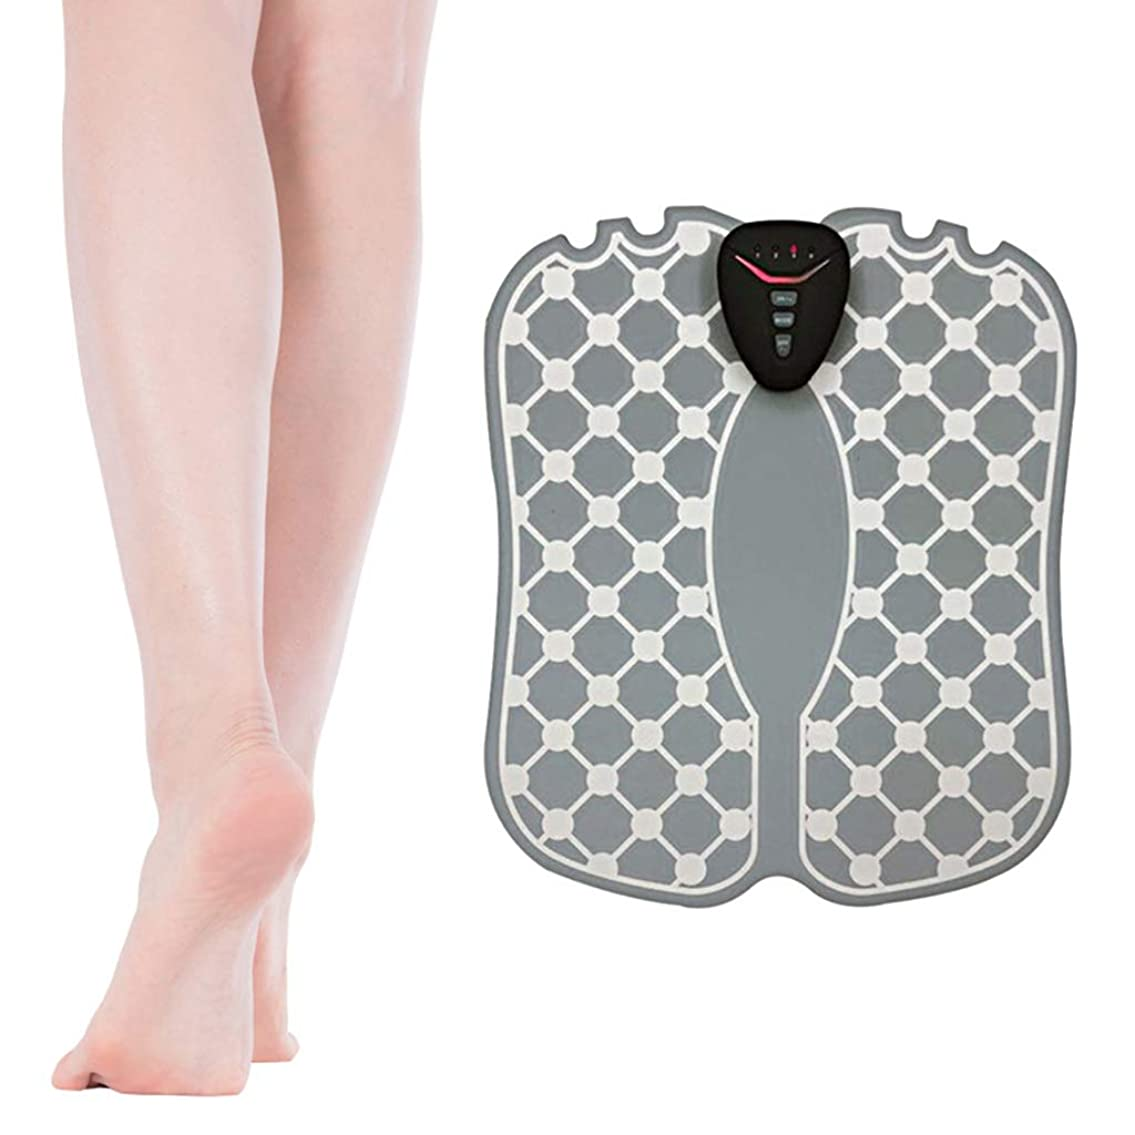 へこみ靴下語フットマッサージャー、足底脈拍、マッサージクッションABS理学療法活性化ペディキュア10足バイブレーターワイヤレスマッスルスティミュレーターUSB充電式